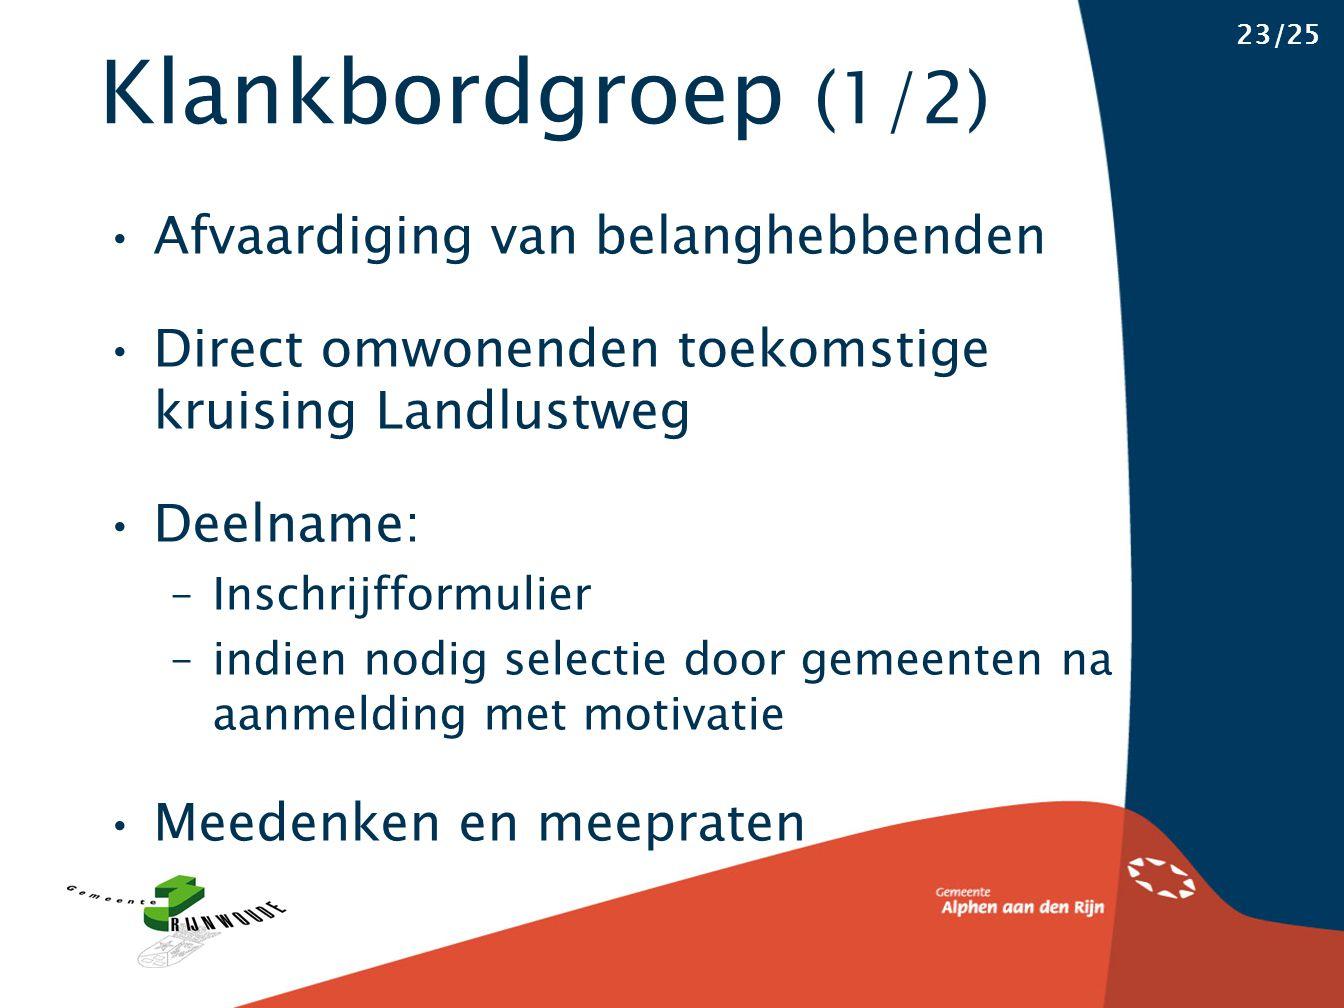 Klankbordgroep (1/2) 23/25 Afvaardiging van belanghebbenden Direct omwonenden toekomstige kruising Landlustweg Deelname: –Inschrijfformulier –indien n